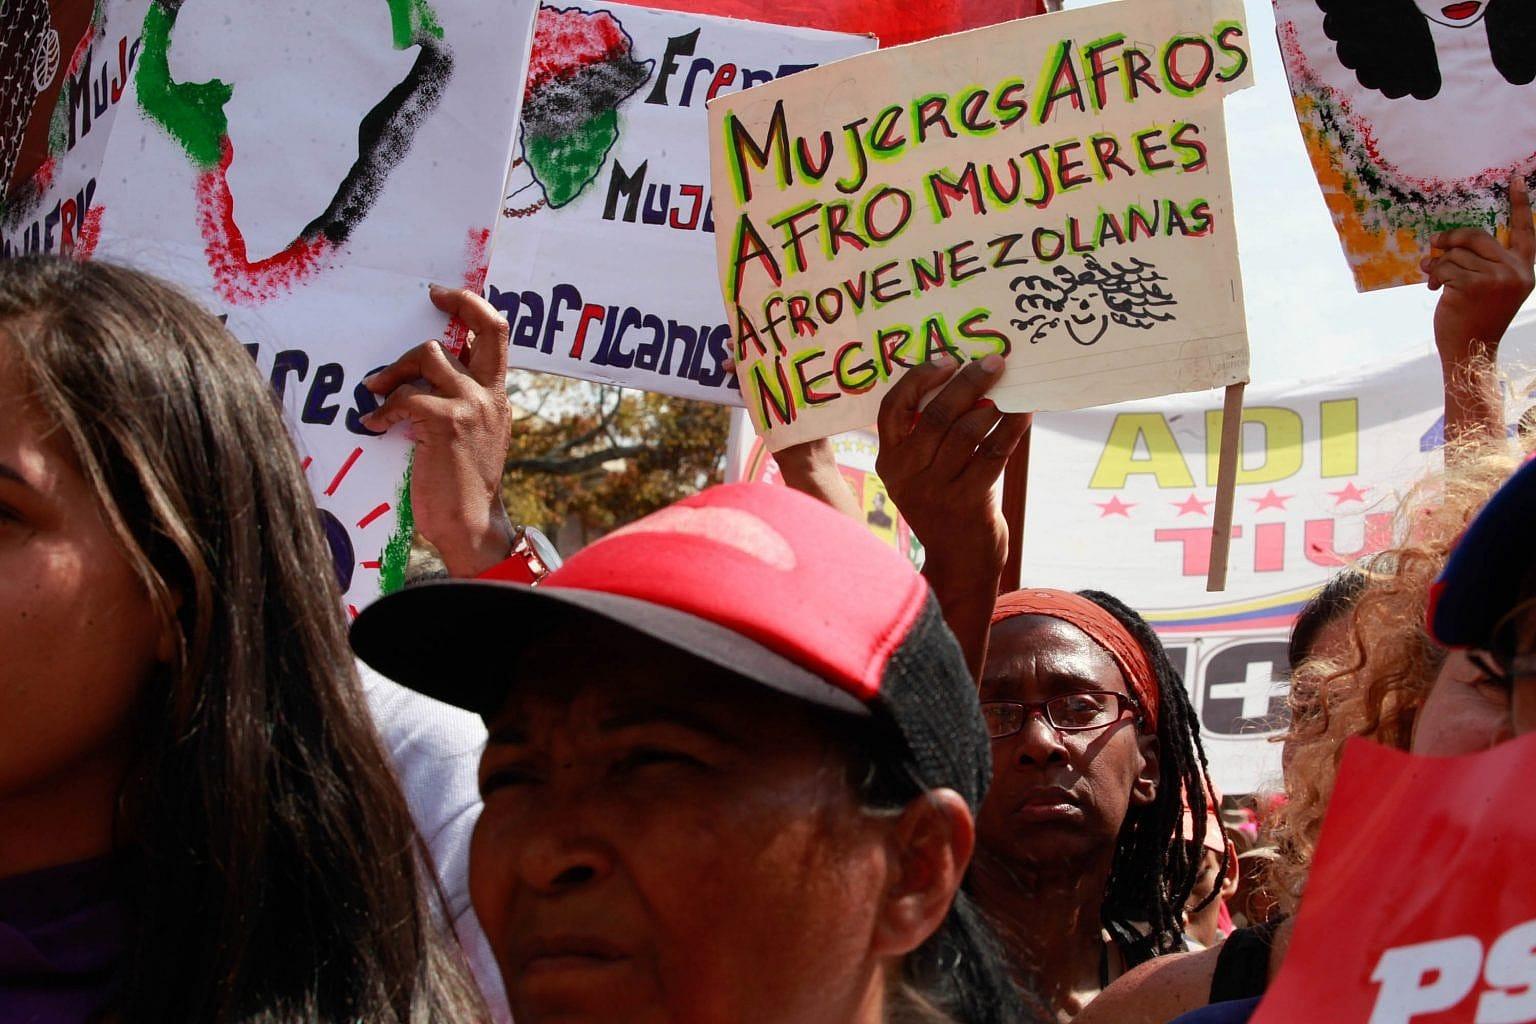 marcha_dia_int_de_la_mujer_rb66081583700551-1536x1024